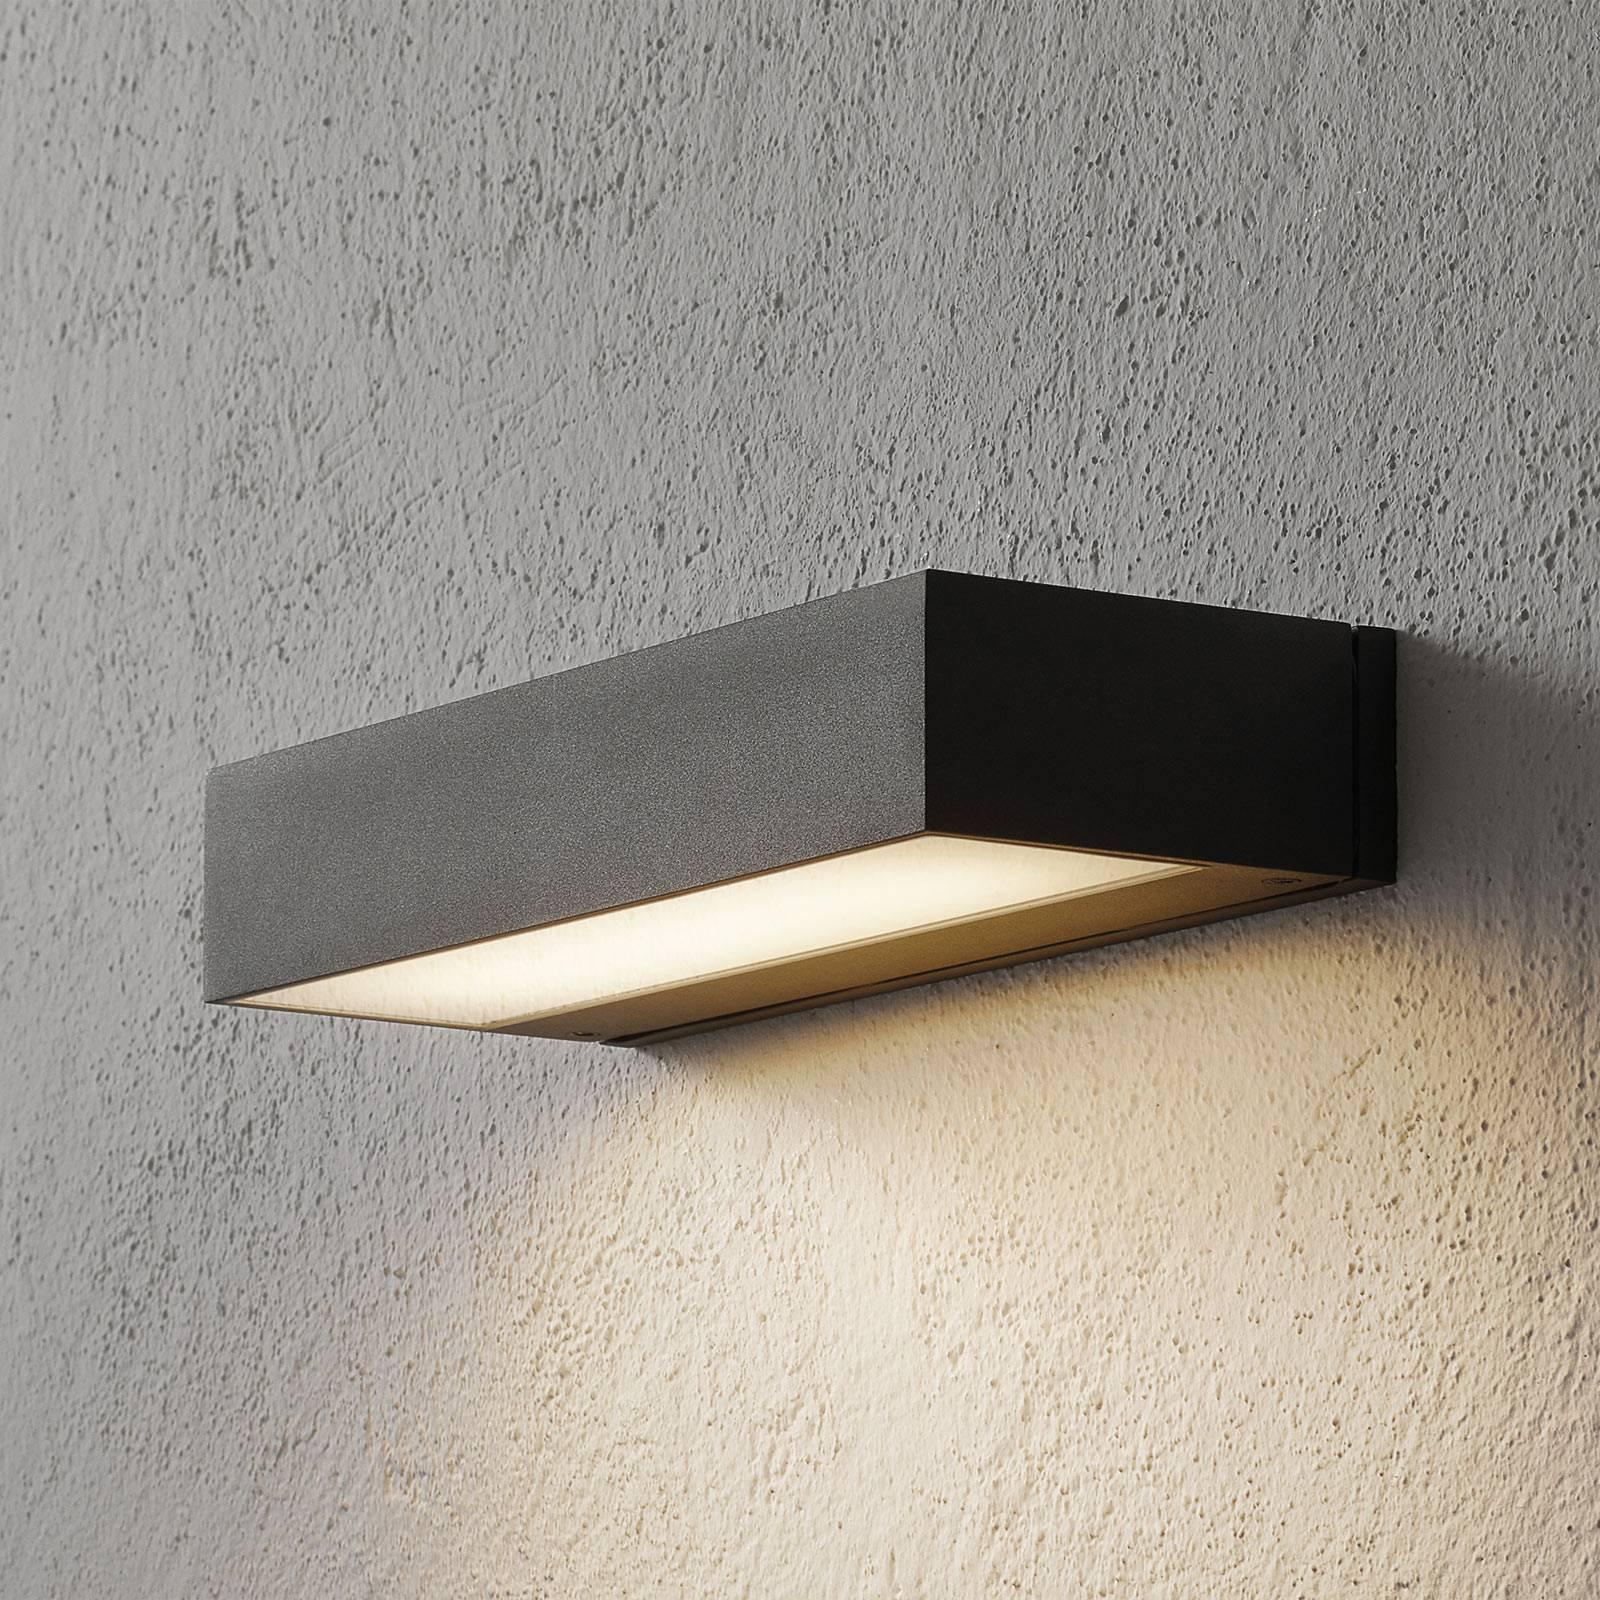 BEGA 33329 LED-vegglampe, 3 000 K, 30 cm down sølv